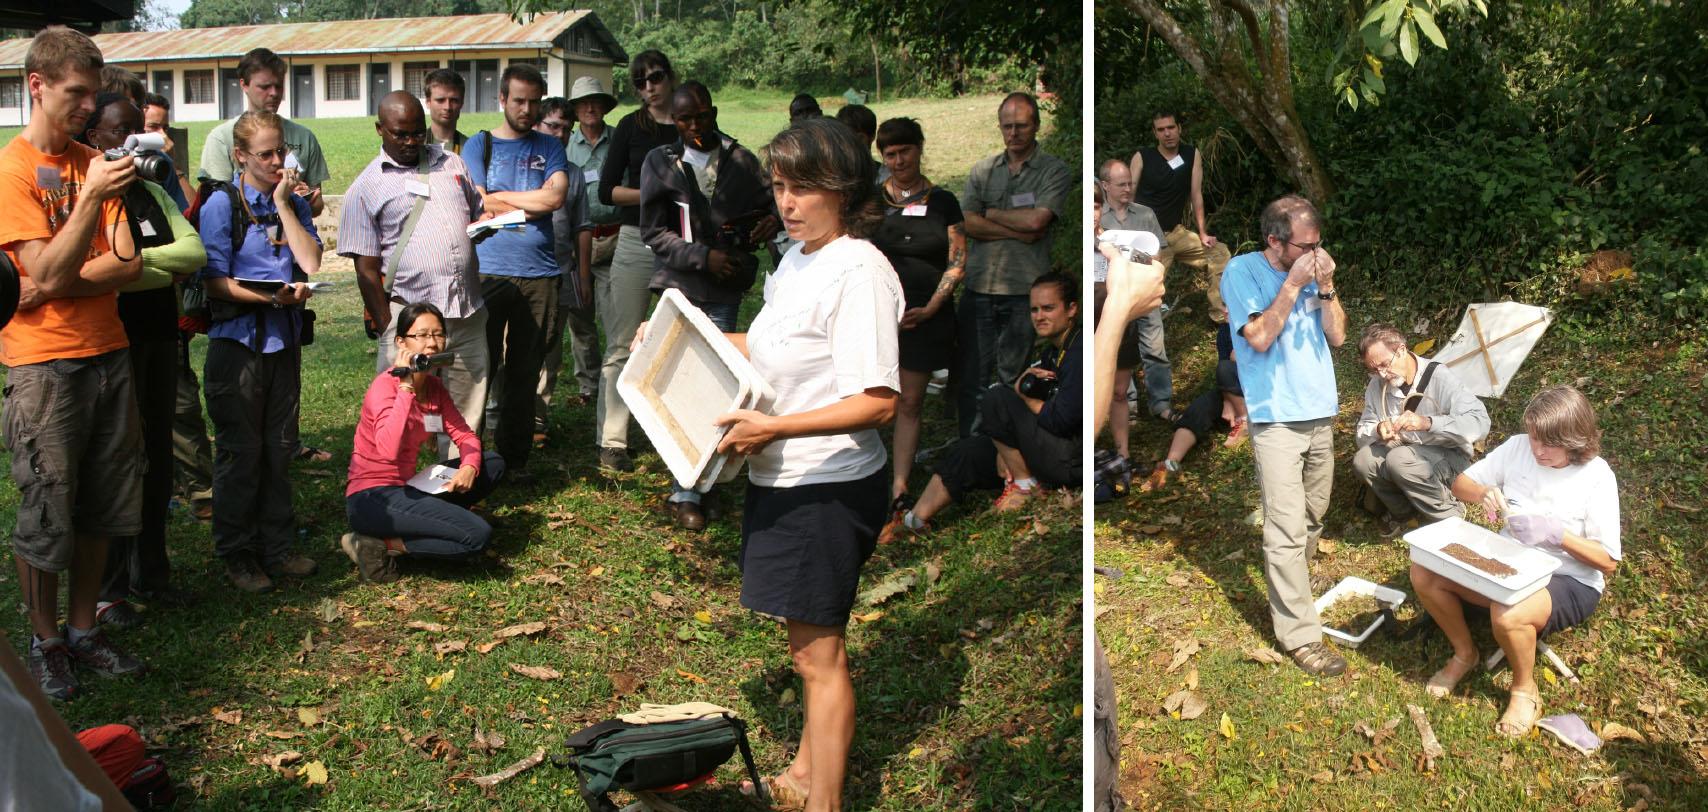 Leeanne mentre dimostra una tecnica di raccolta delle formiche terricole (nella lettiera e nello strato più superficiale del terreno) che si basa sull'ultilizzo di setaccio e vassoio (Foto: D. King & I. Toni).